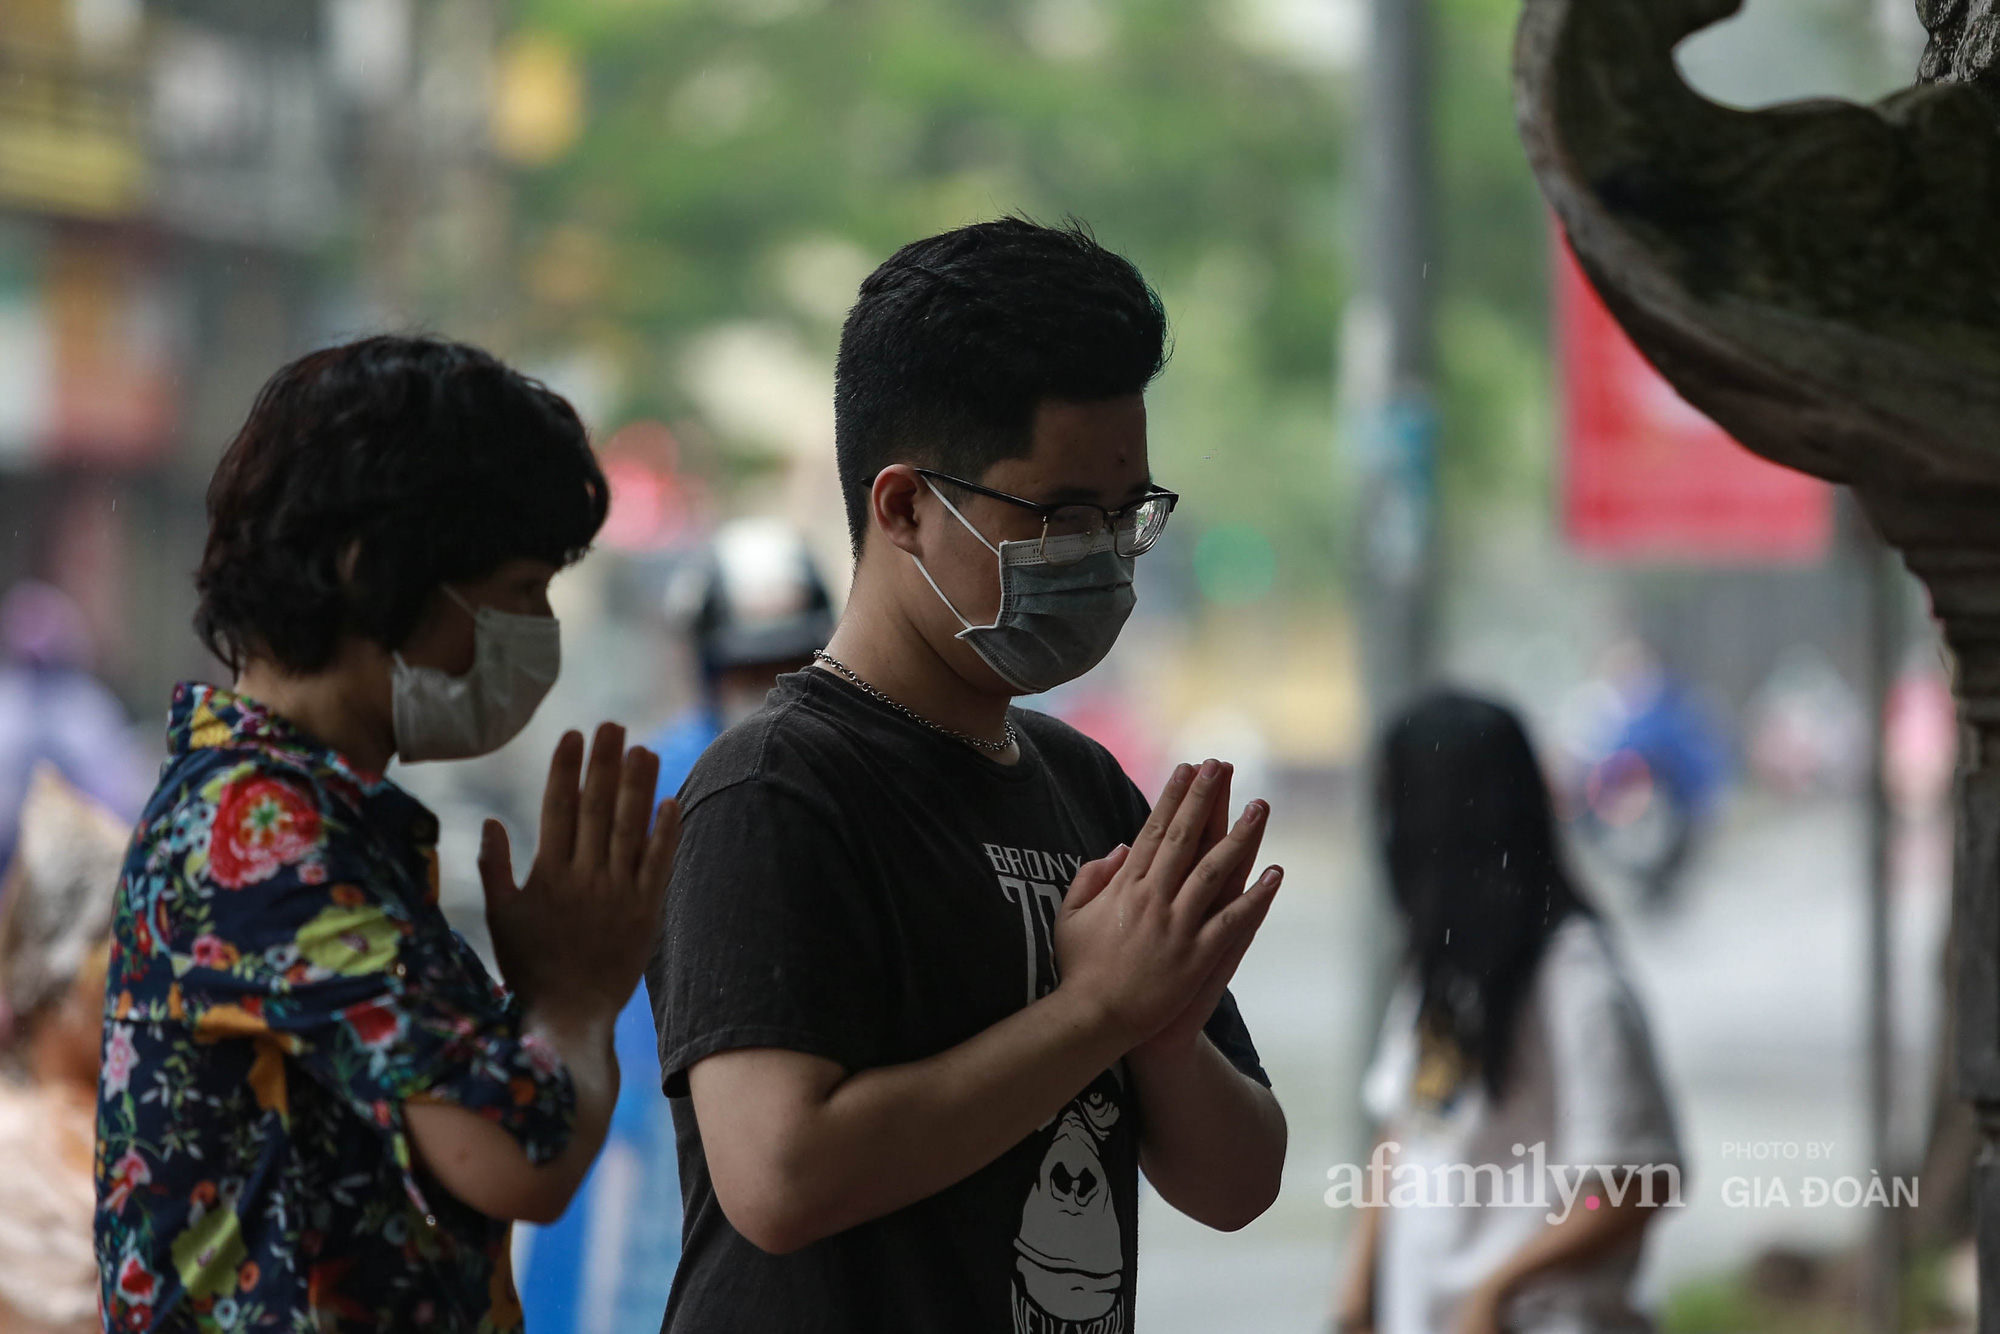 Phụ huynh, thí sinh ở Hà Nội đội mưa đi lễ cầu may trước ngày thi vào lớp 10 THPT - Ảnh 8.